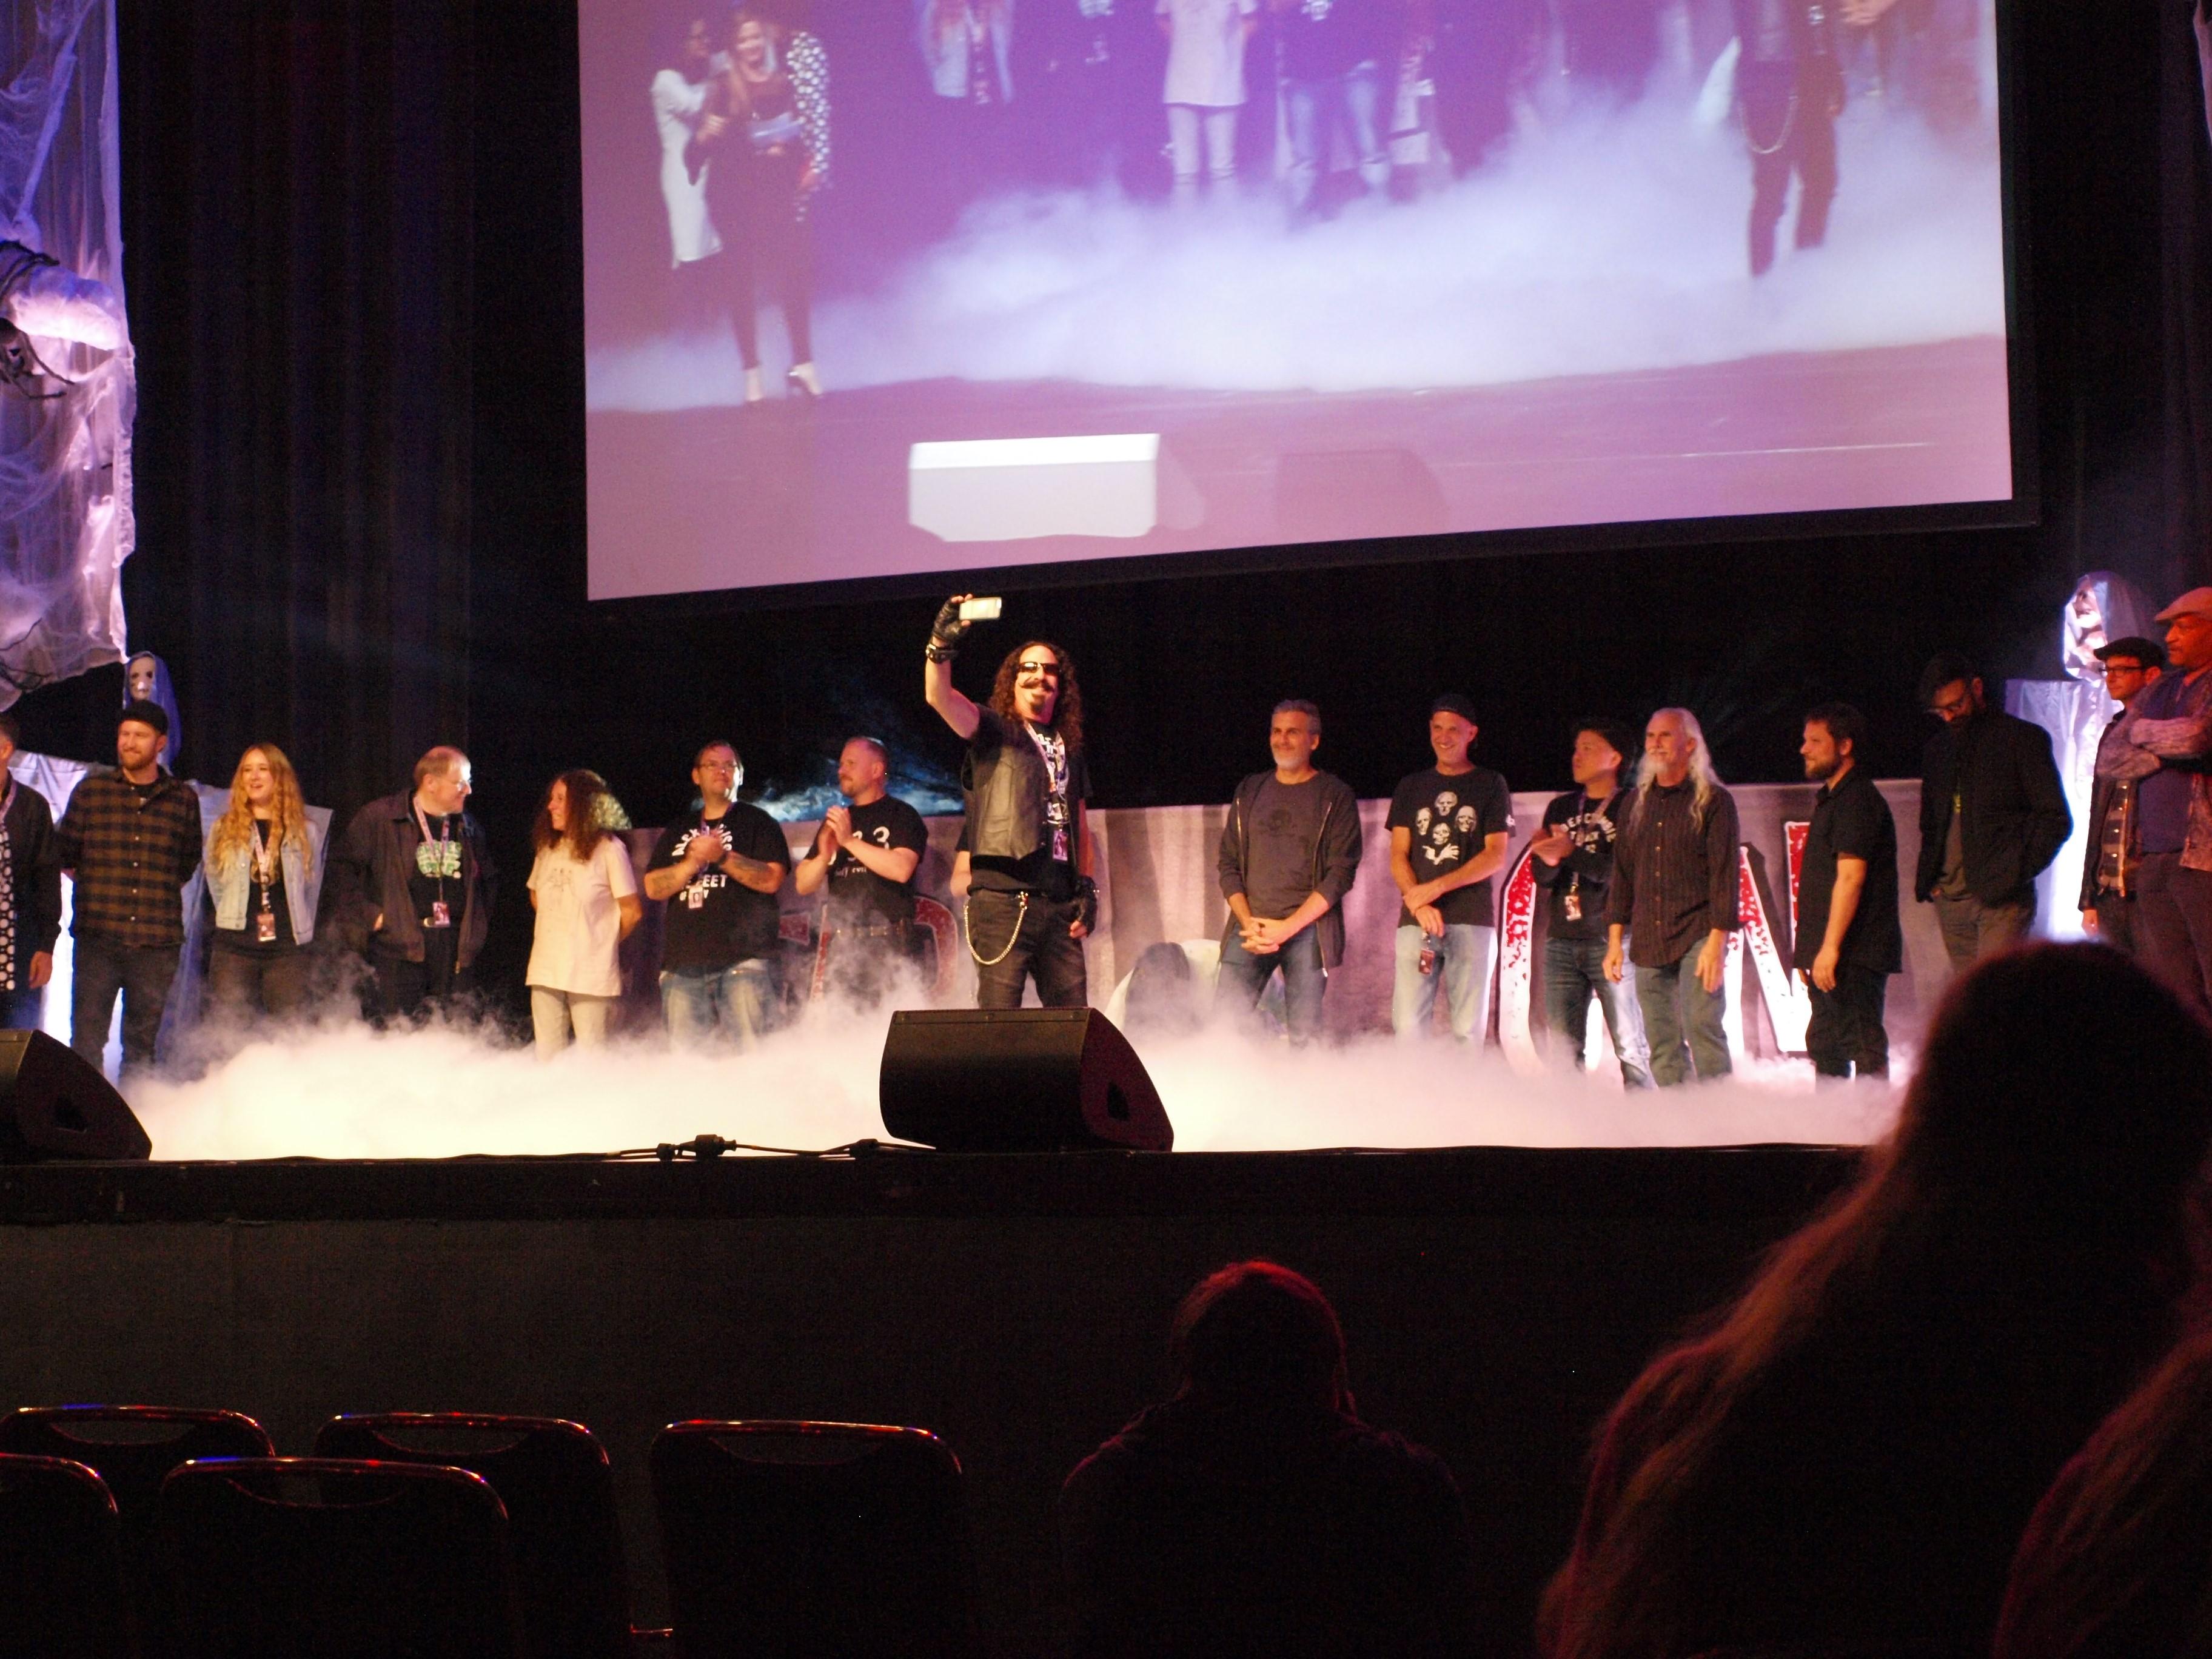 Treffpunkt FearCon – wo Vampire, Zombies und Geisterjäger friedlich miteinander feiern